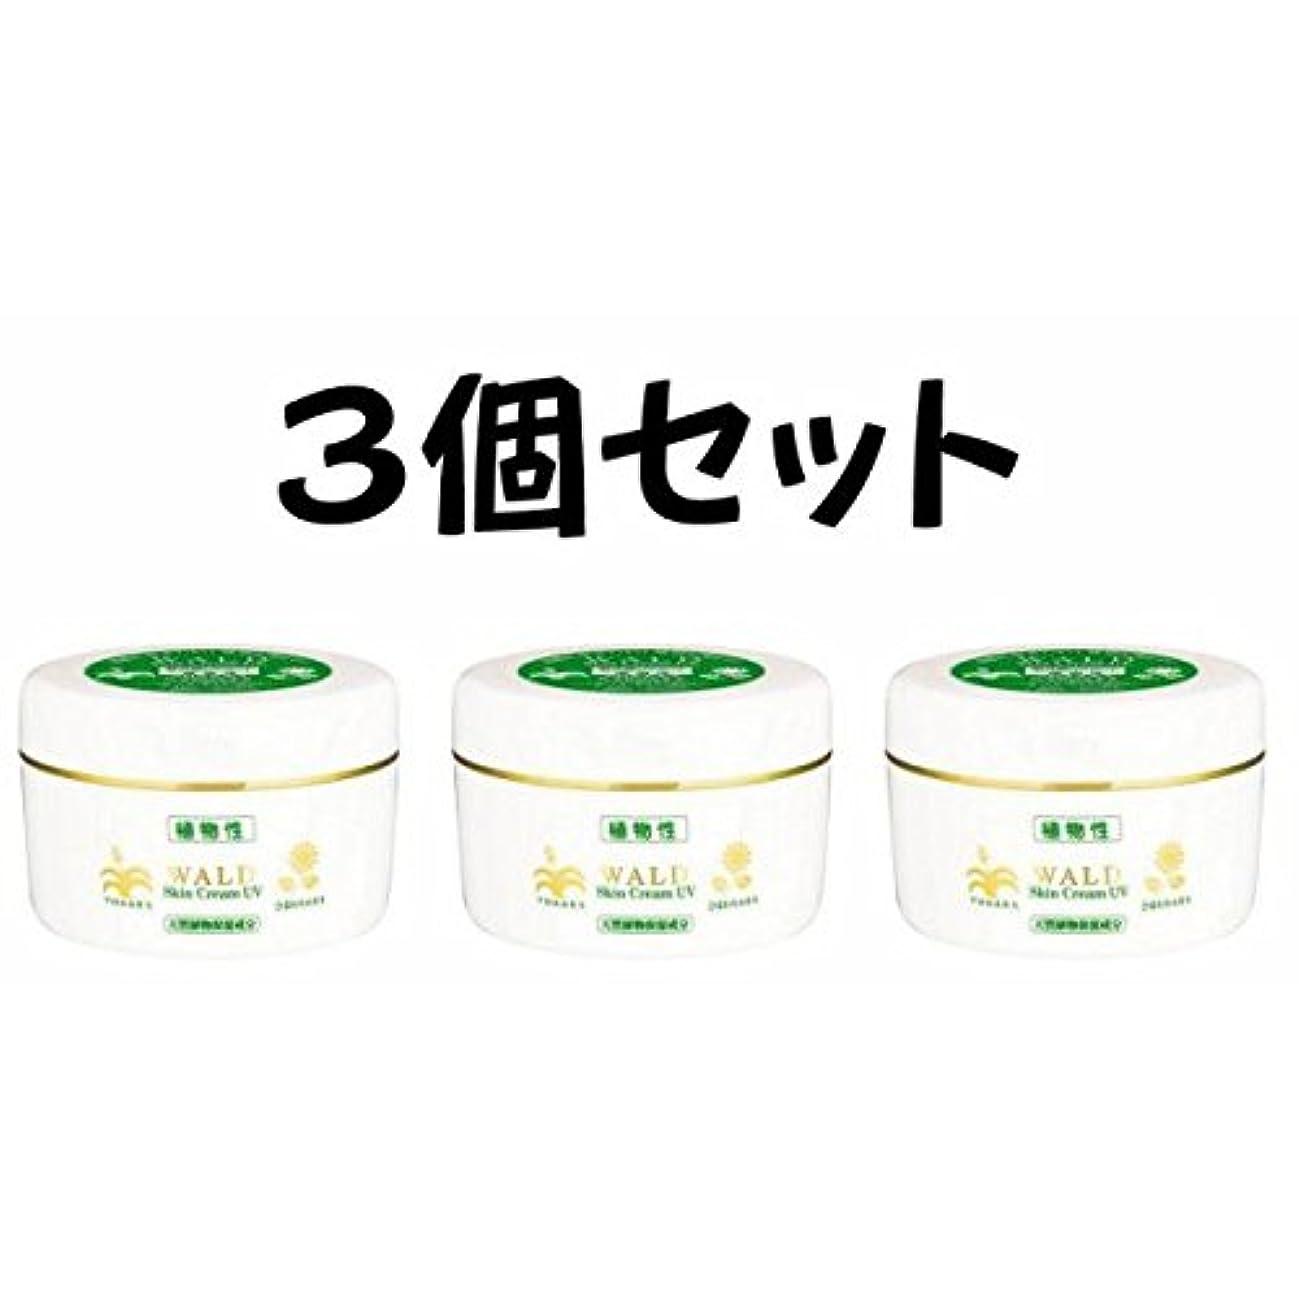 休み染色恩赦新 ヴァルトスキンクリーム UV (WALD Skin Cream UV) 220g (3)